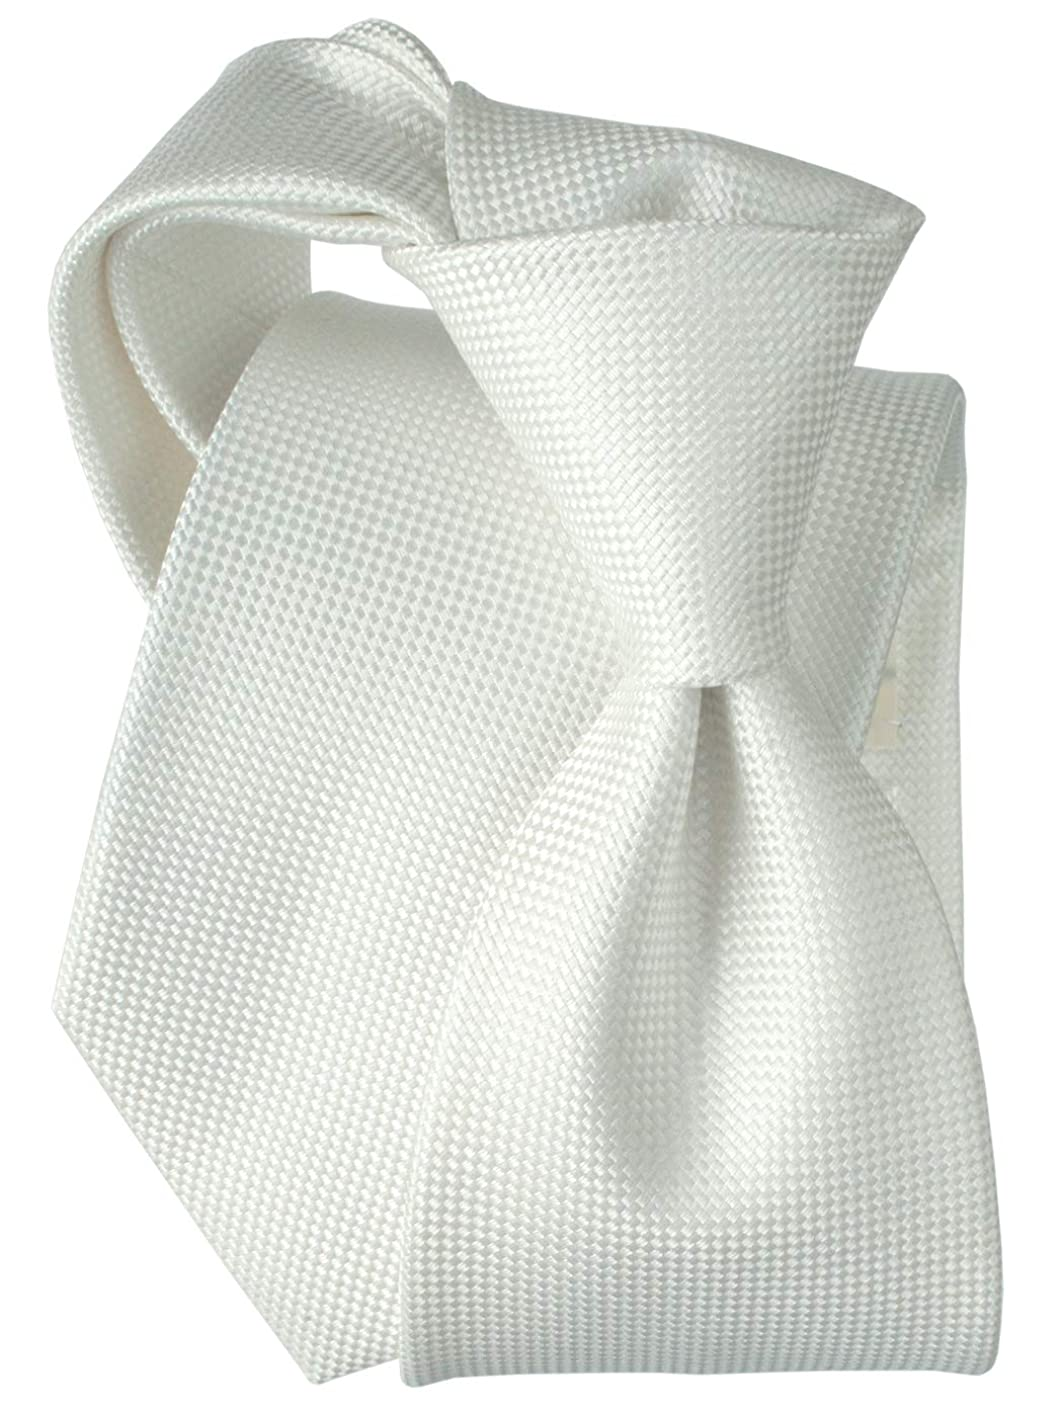 彼自身戦う自伝[エバーグレイス] ネクタイ 日本製 シルク メンズ おしゃれ フォーマル 結婚式 無地 ホワイト